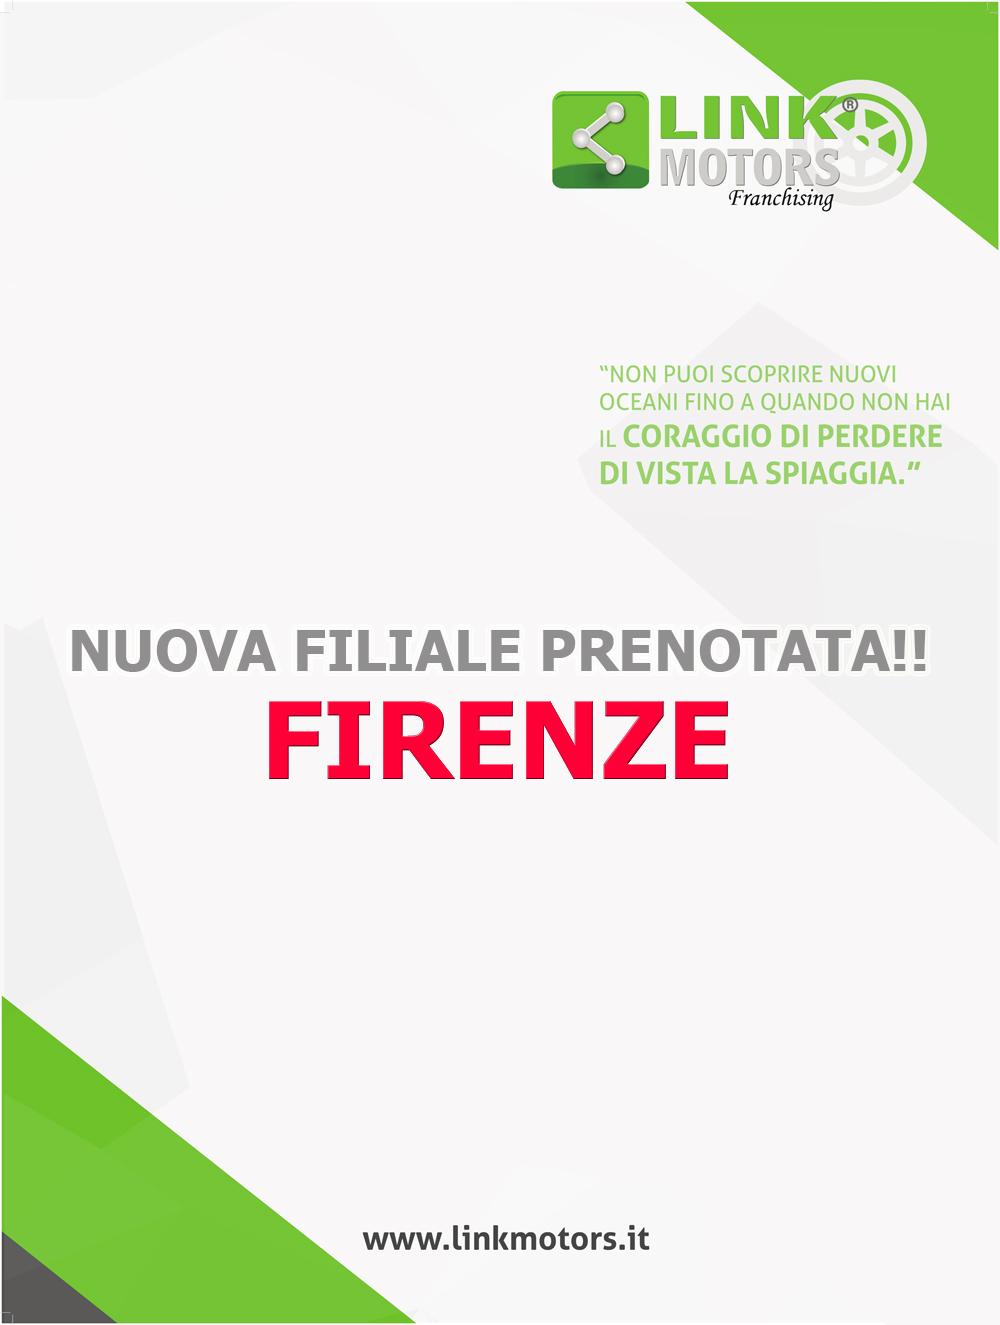 Link Motors - Firenze